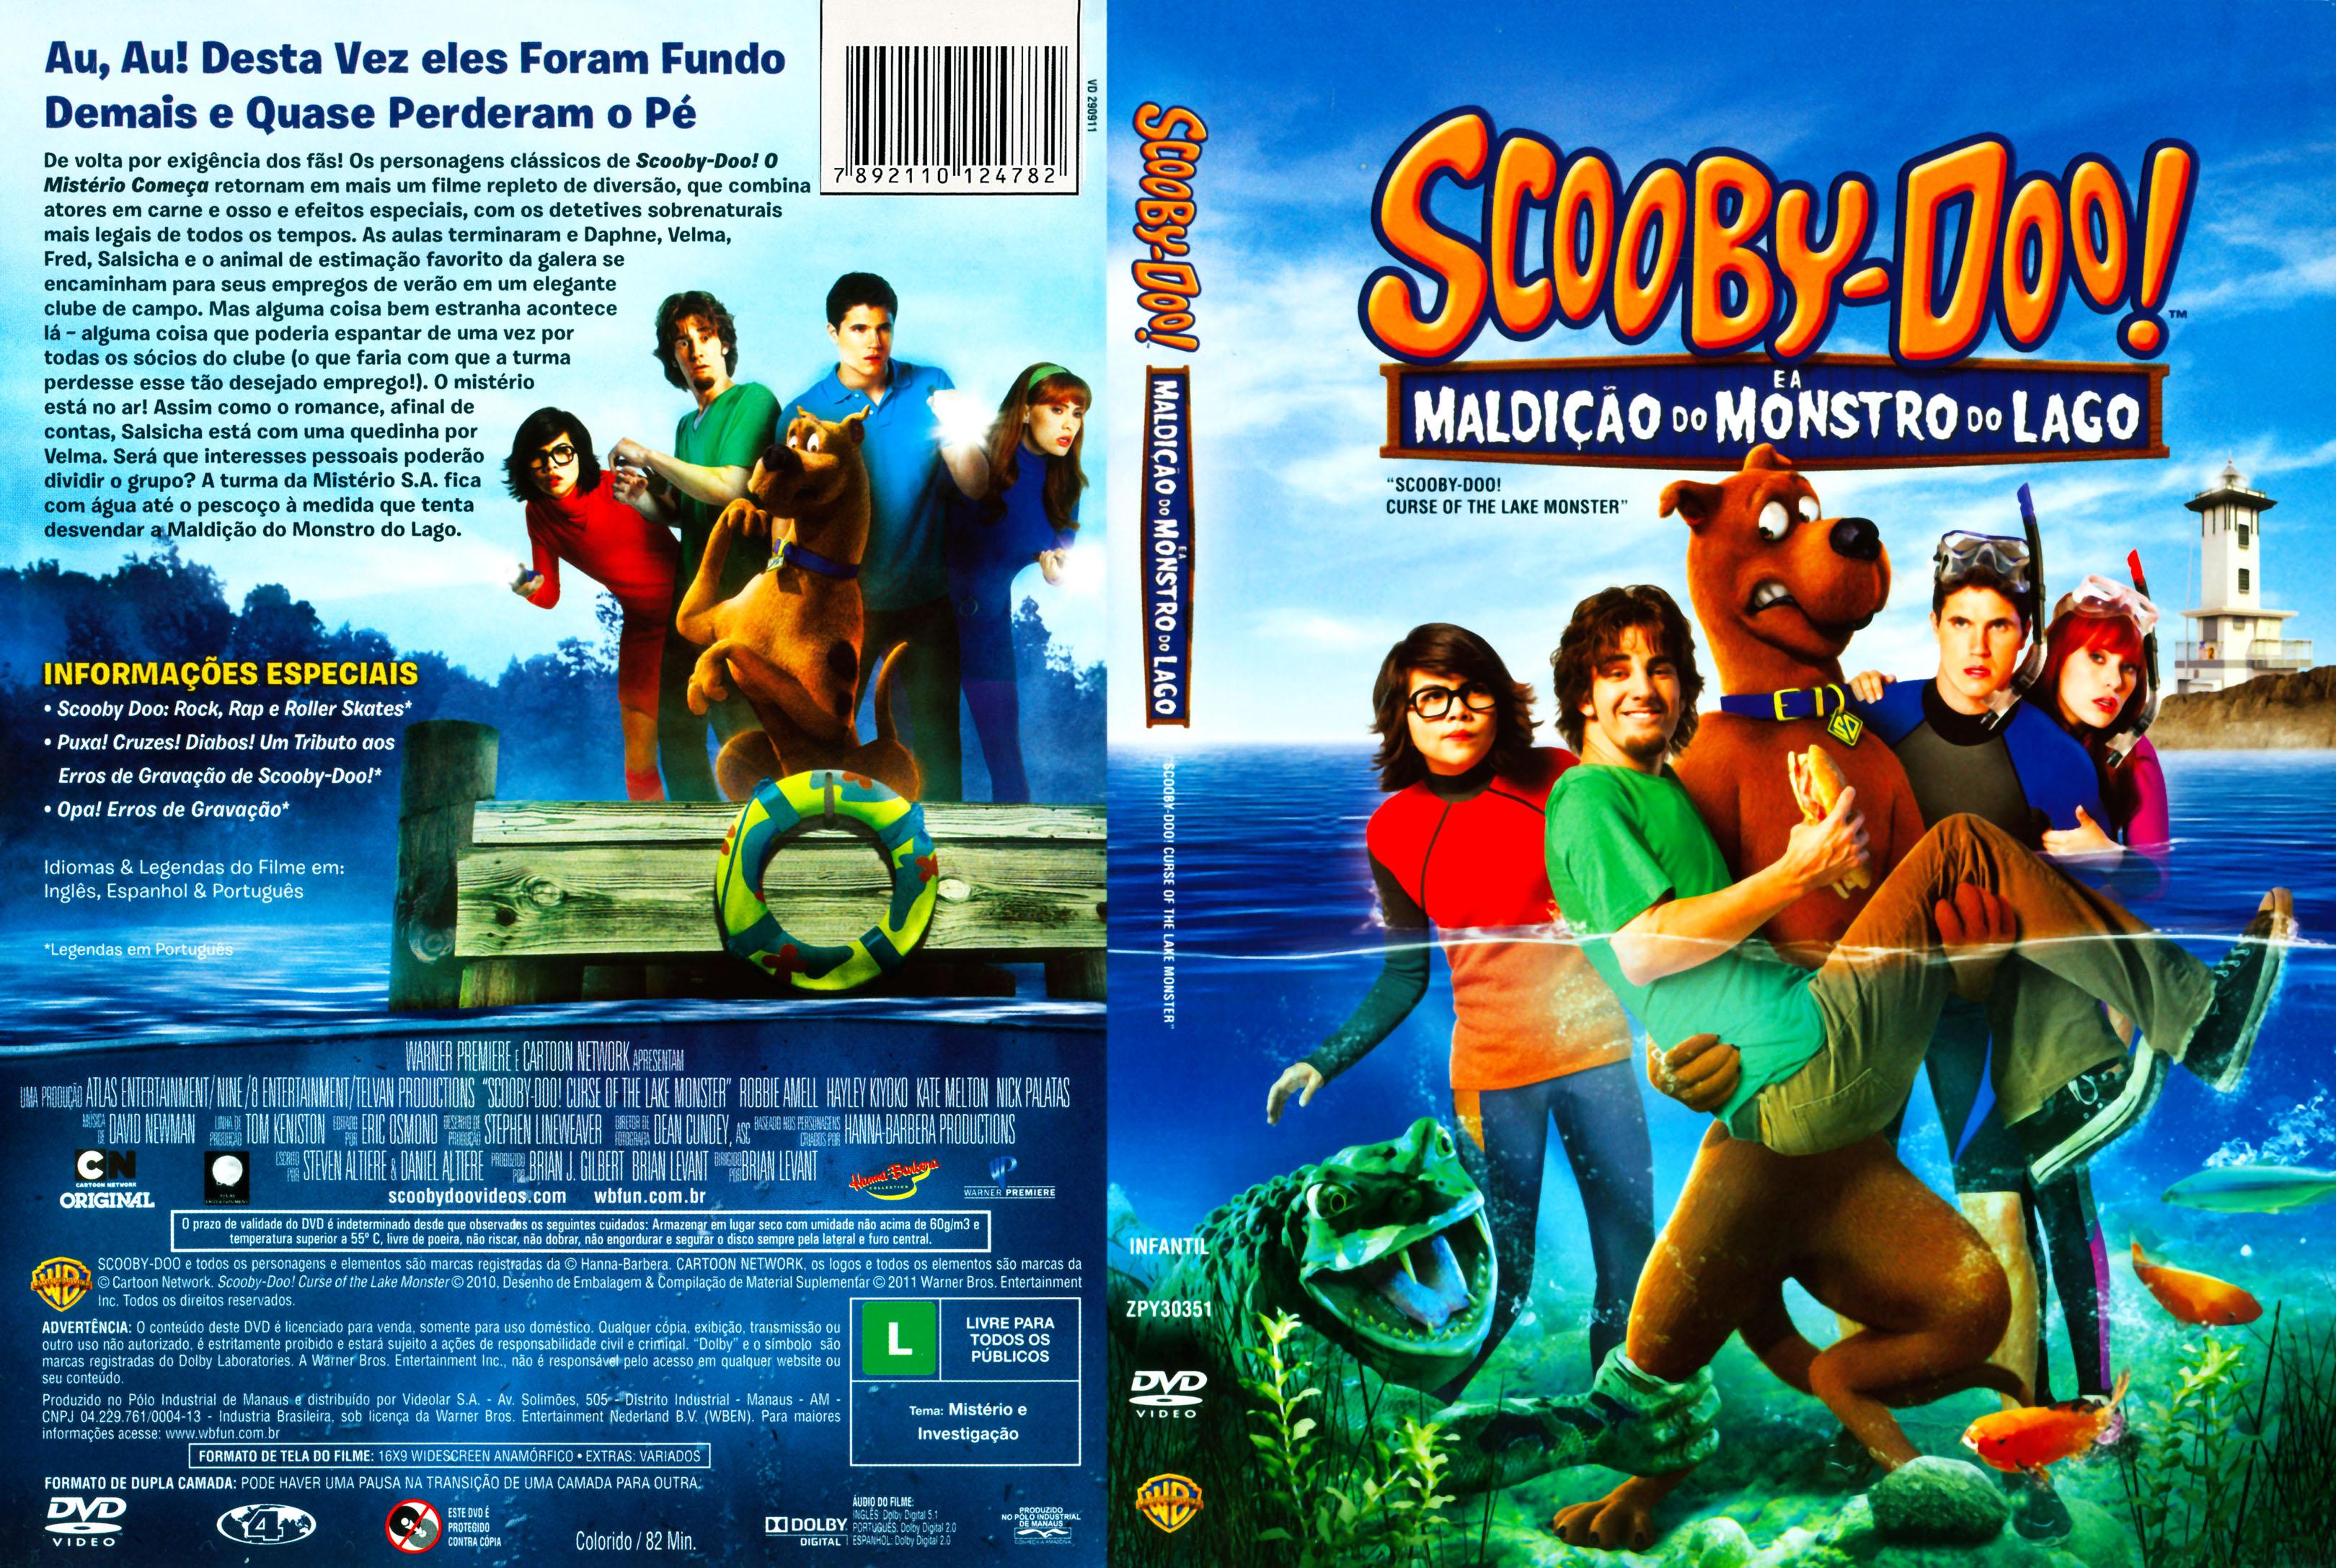 ScoobyDooAMaldicaoDoMonstroDoLago